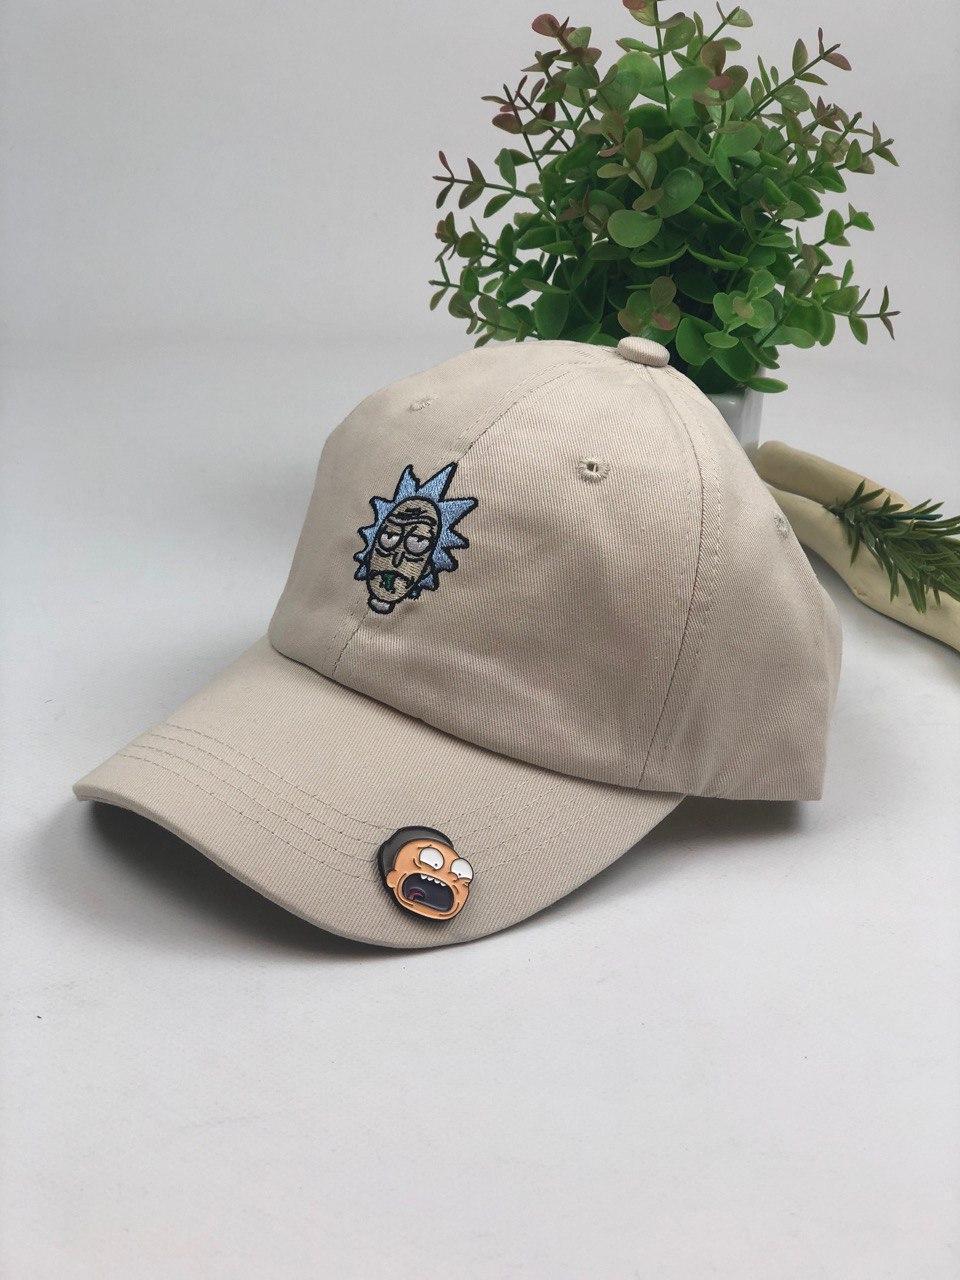 Комплект кепка бейсболка Рик бежевая + металлический значок пин пин Морти